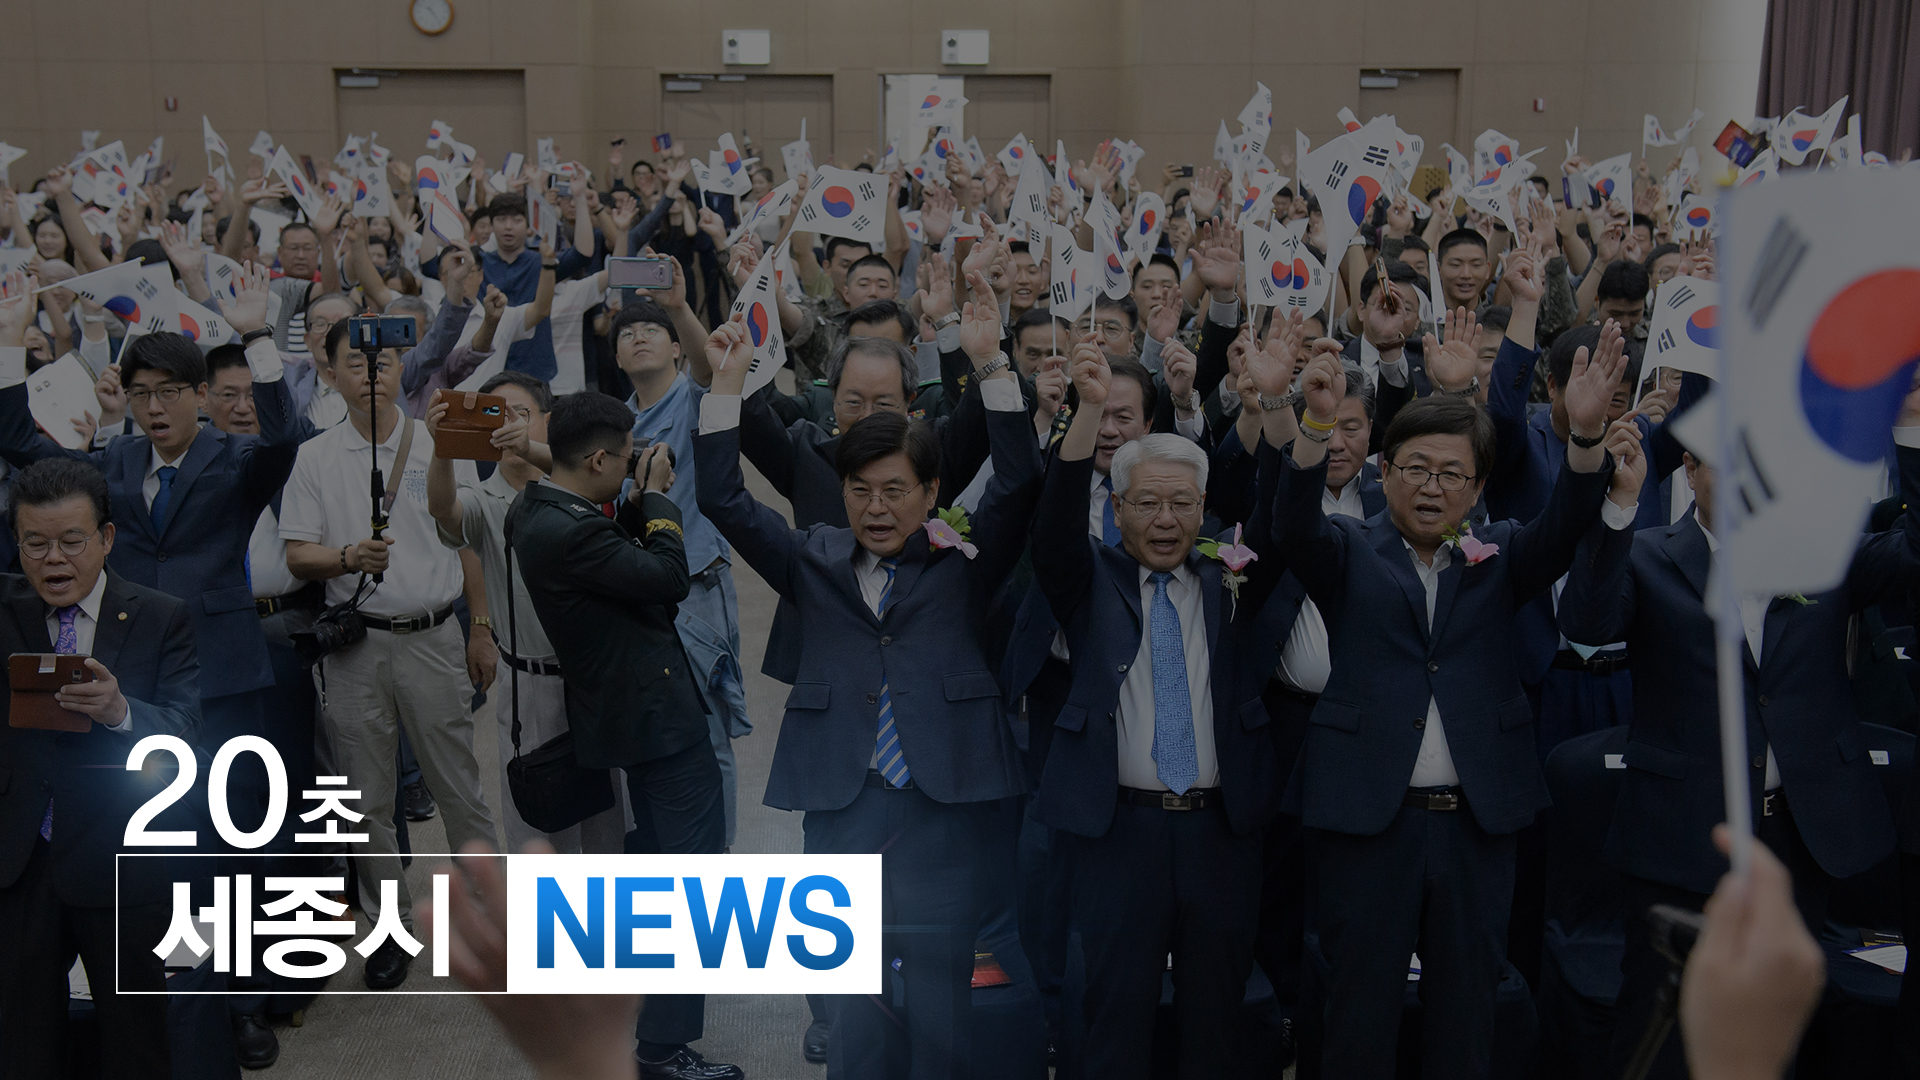 <20초뉴스>  '제74주년 광복절 경축식'을 개최